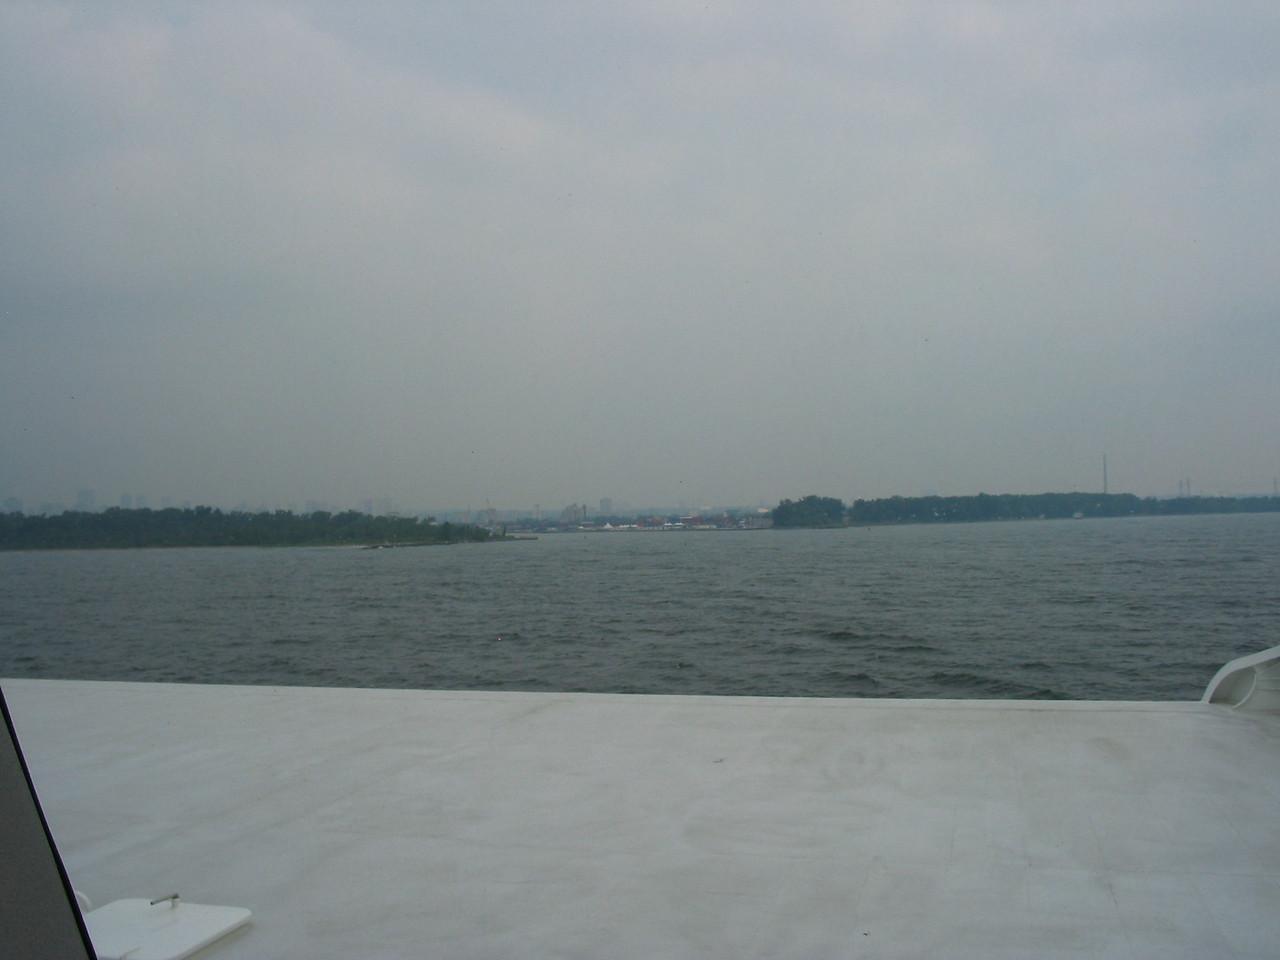 2004_8_19_Rochester_Ferry-16